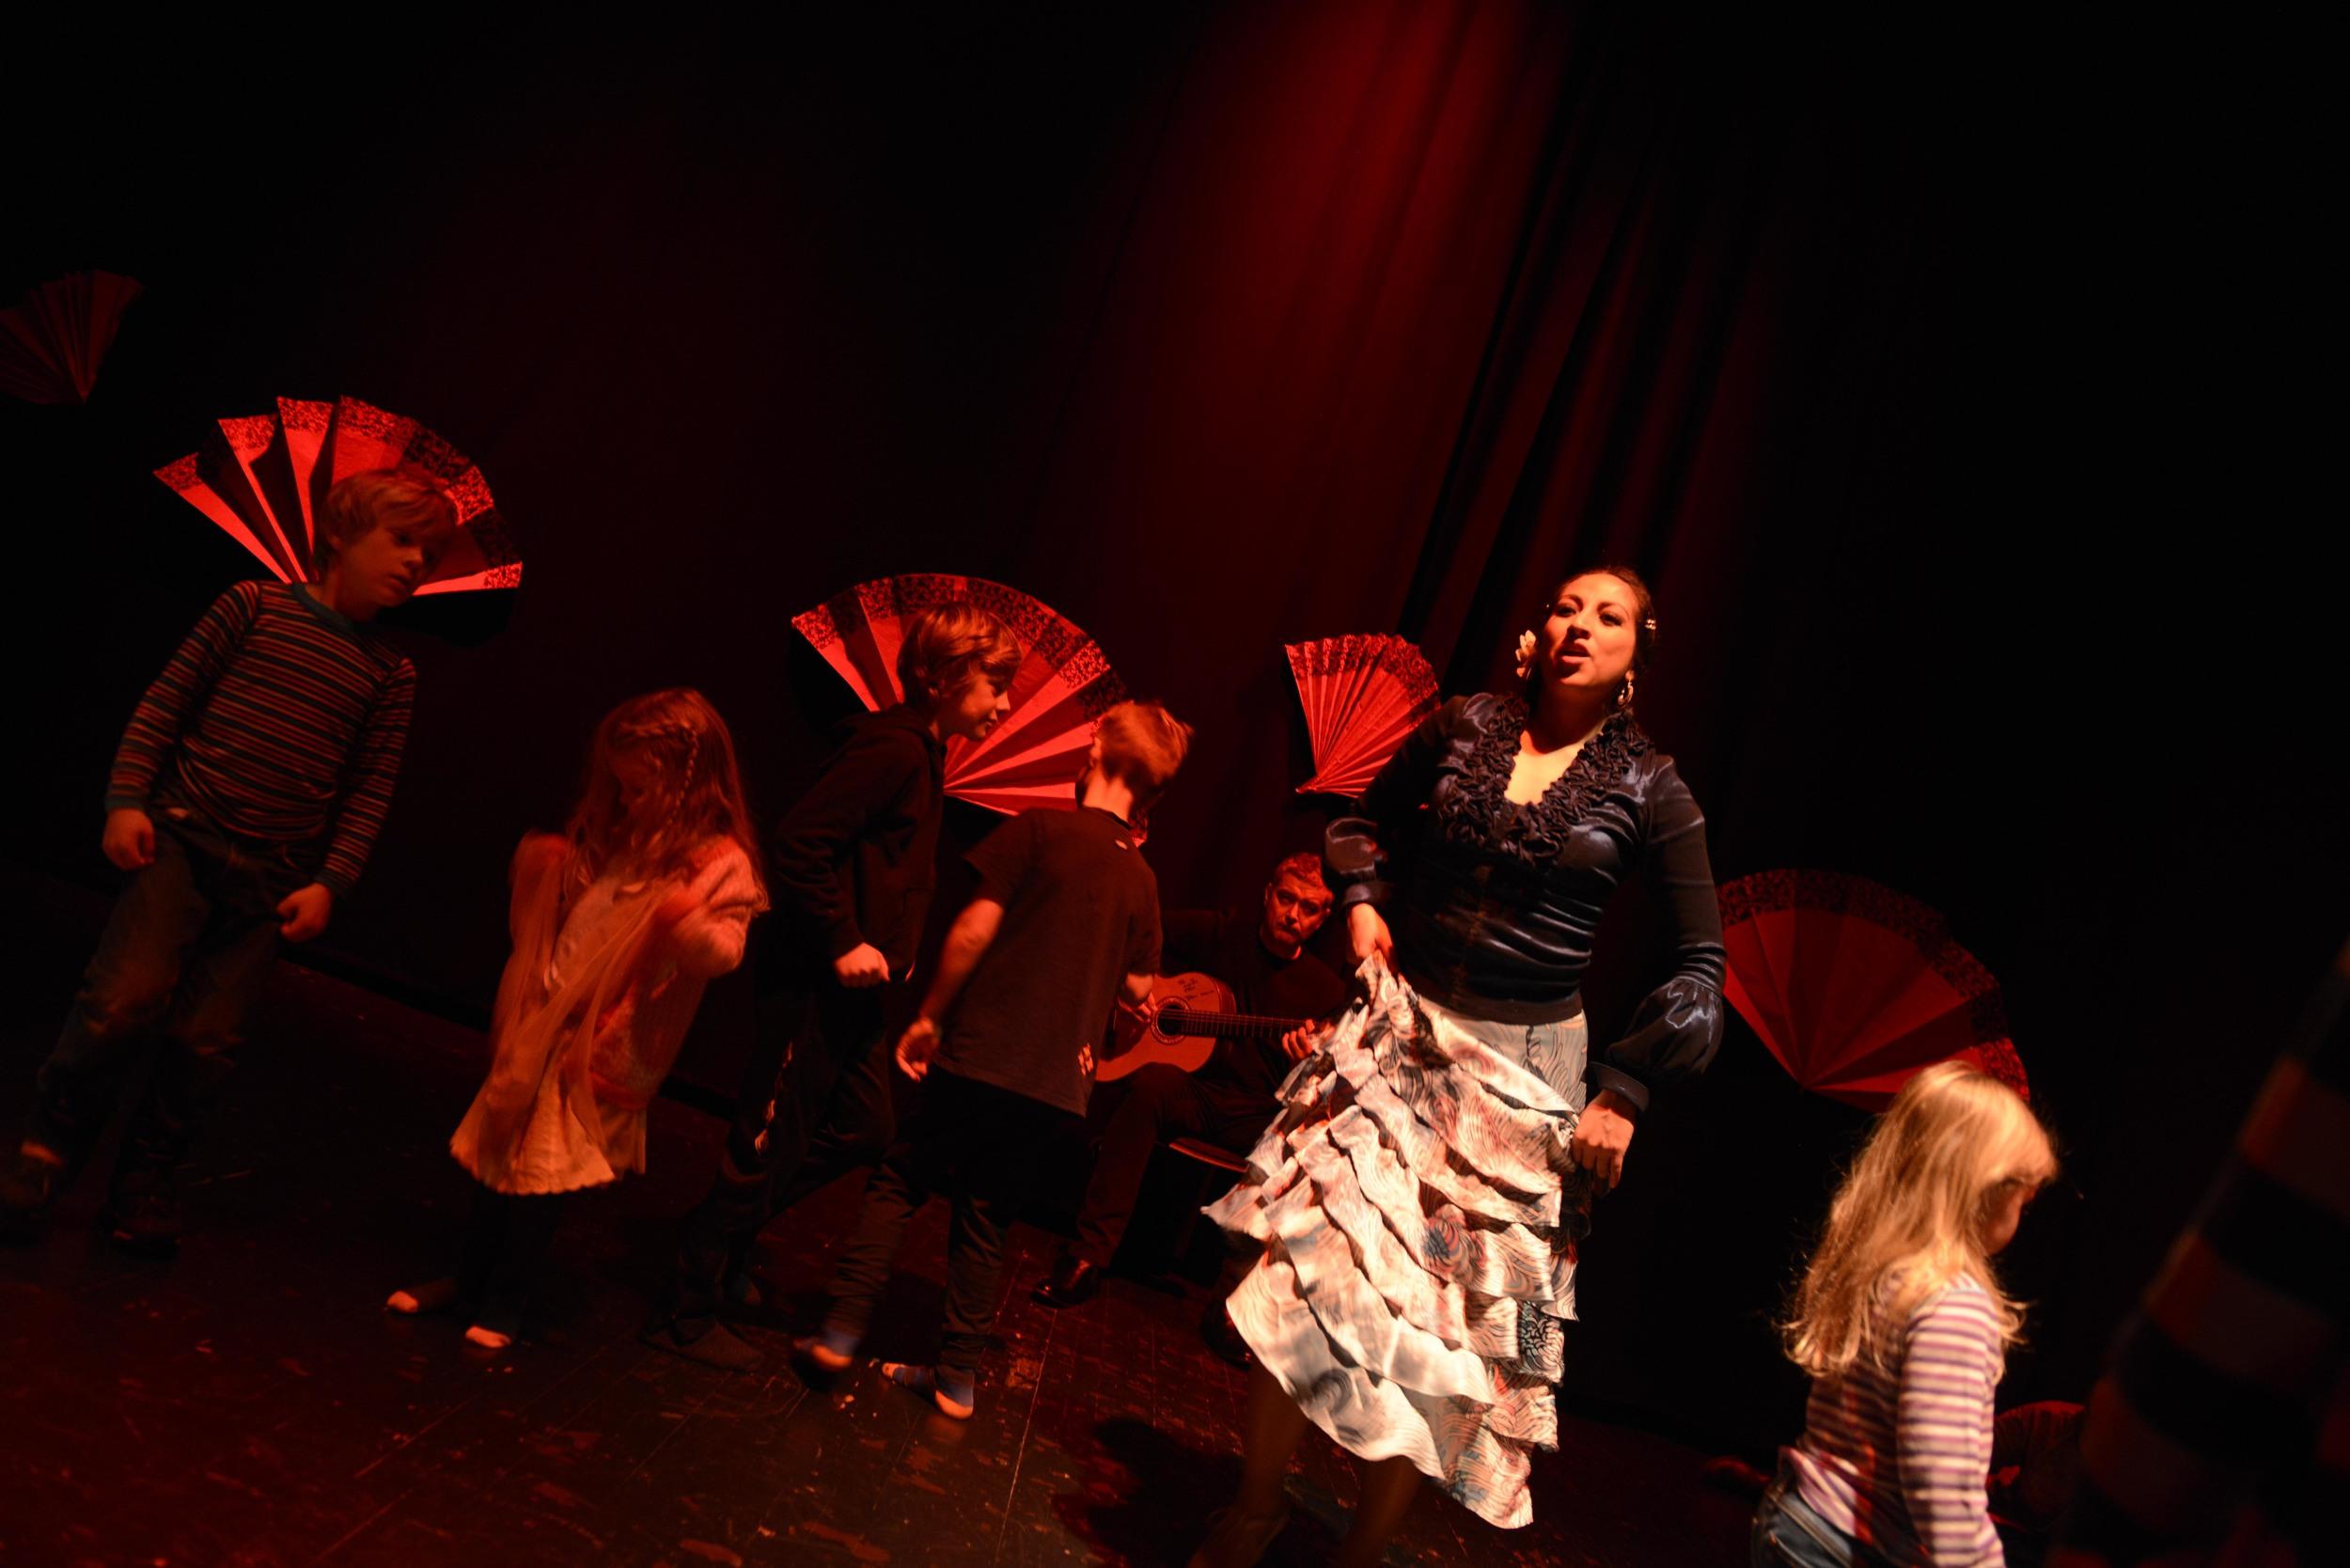 Flamenco_ARU0398 (7).JPG